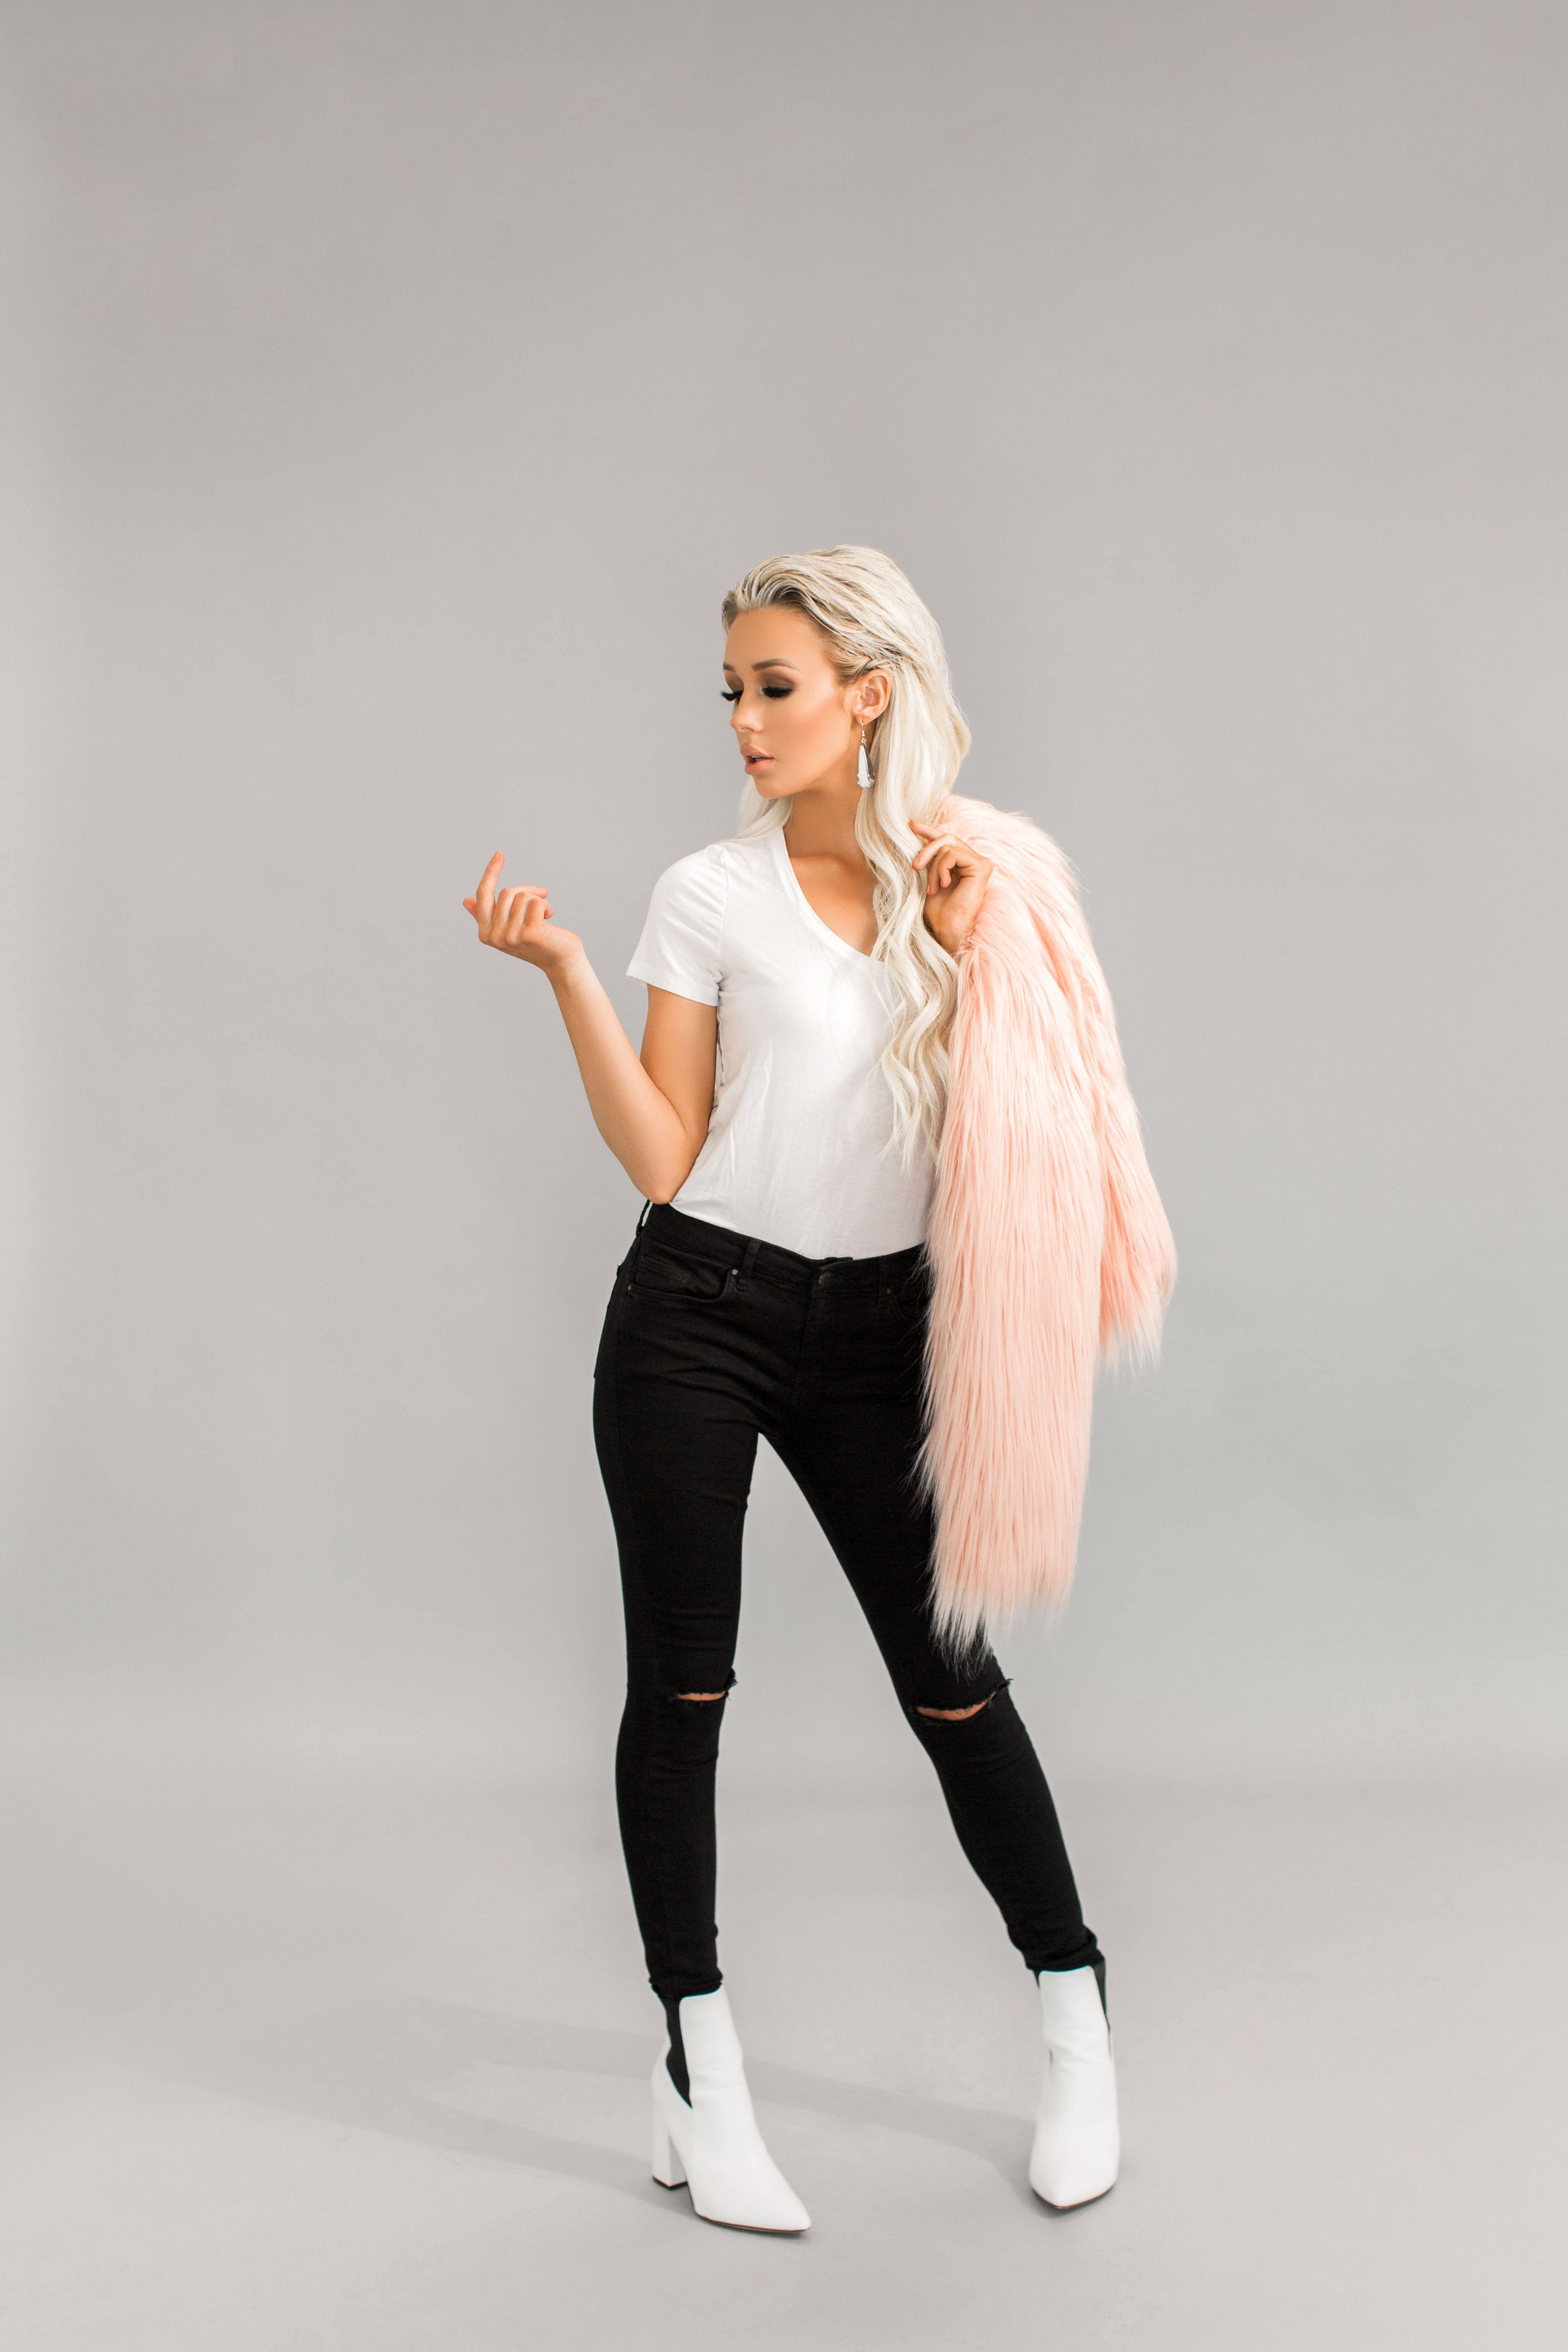 Studio Fashion Shoot